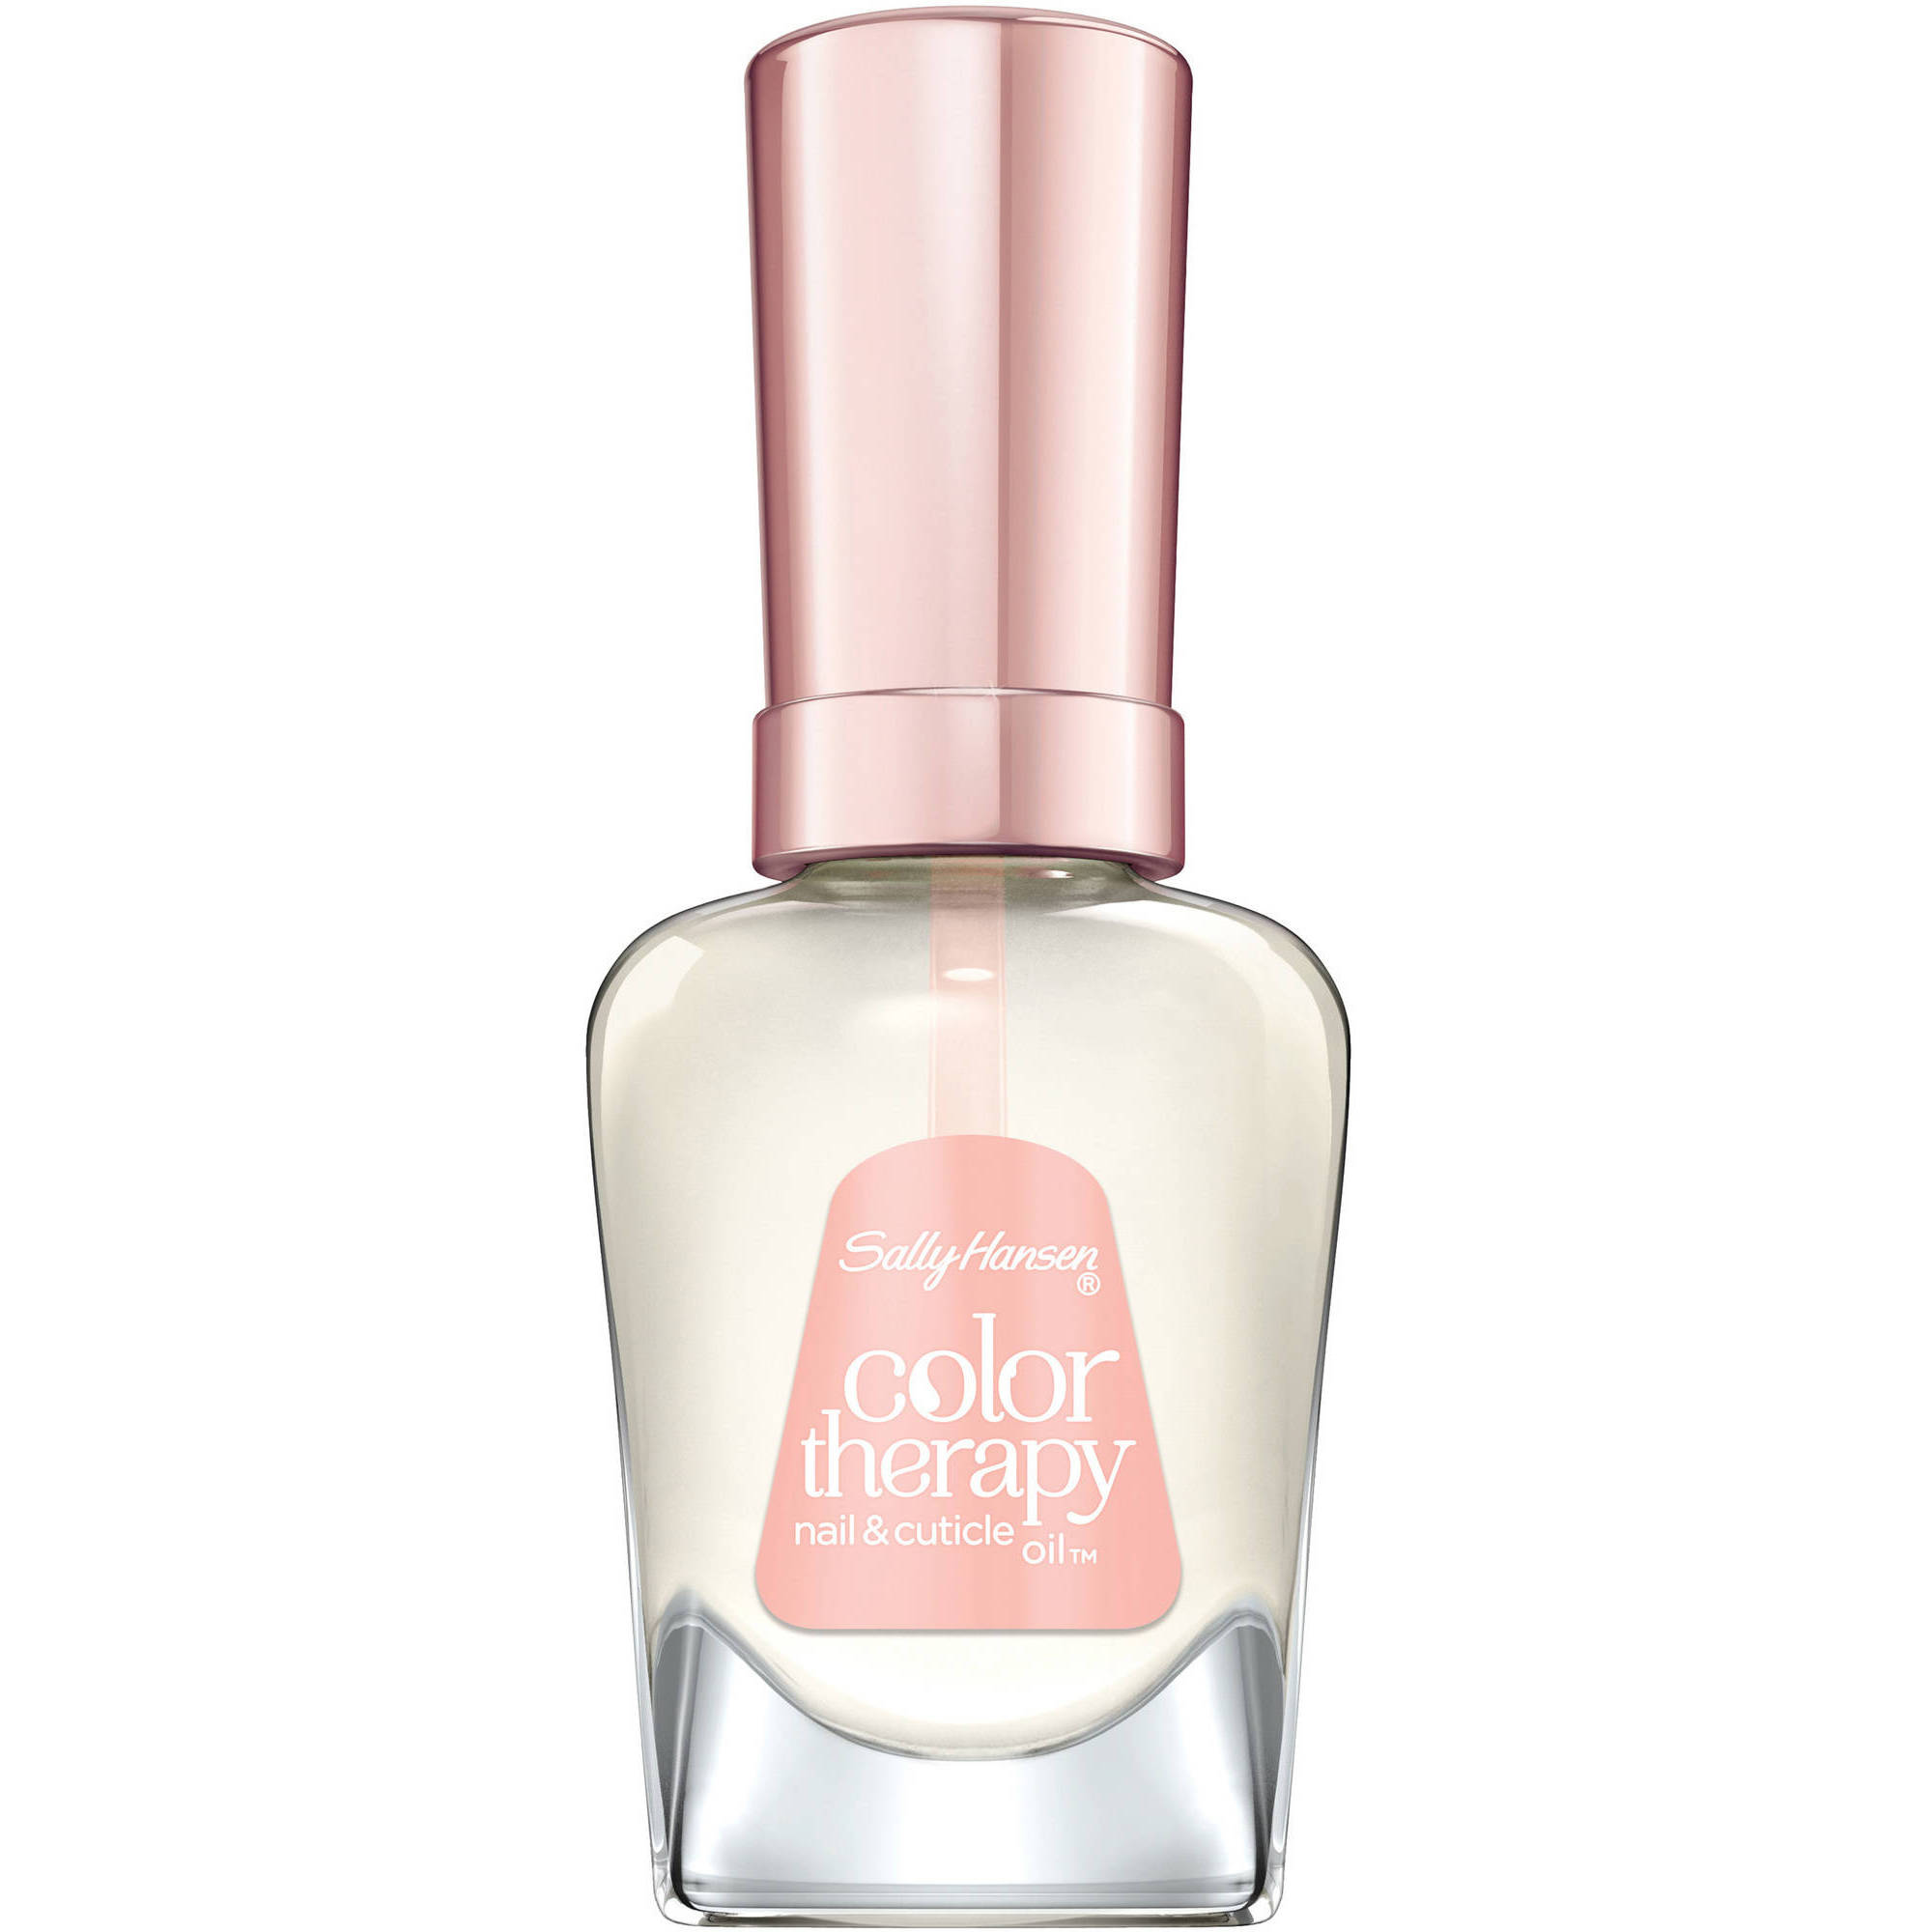 Sally Hansen Color Therapy Nail & Cuticle Oil, .5 fl oz - Walmart.com